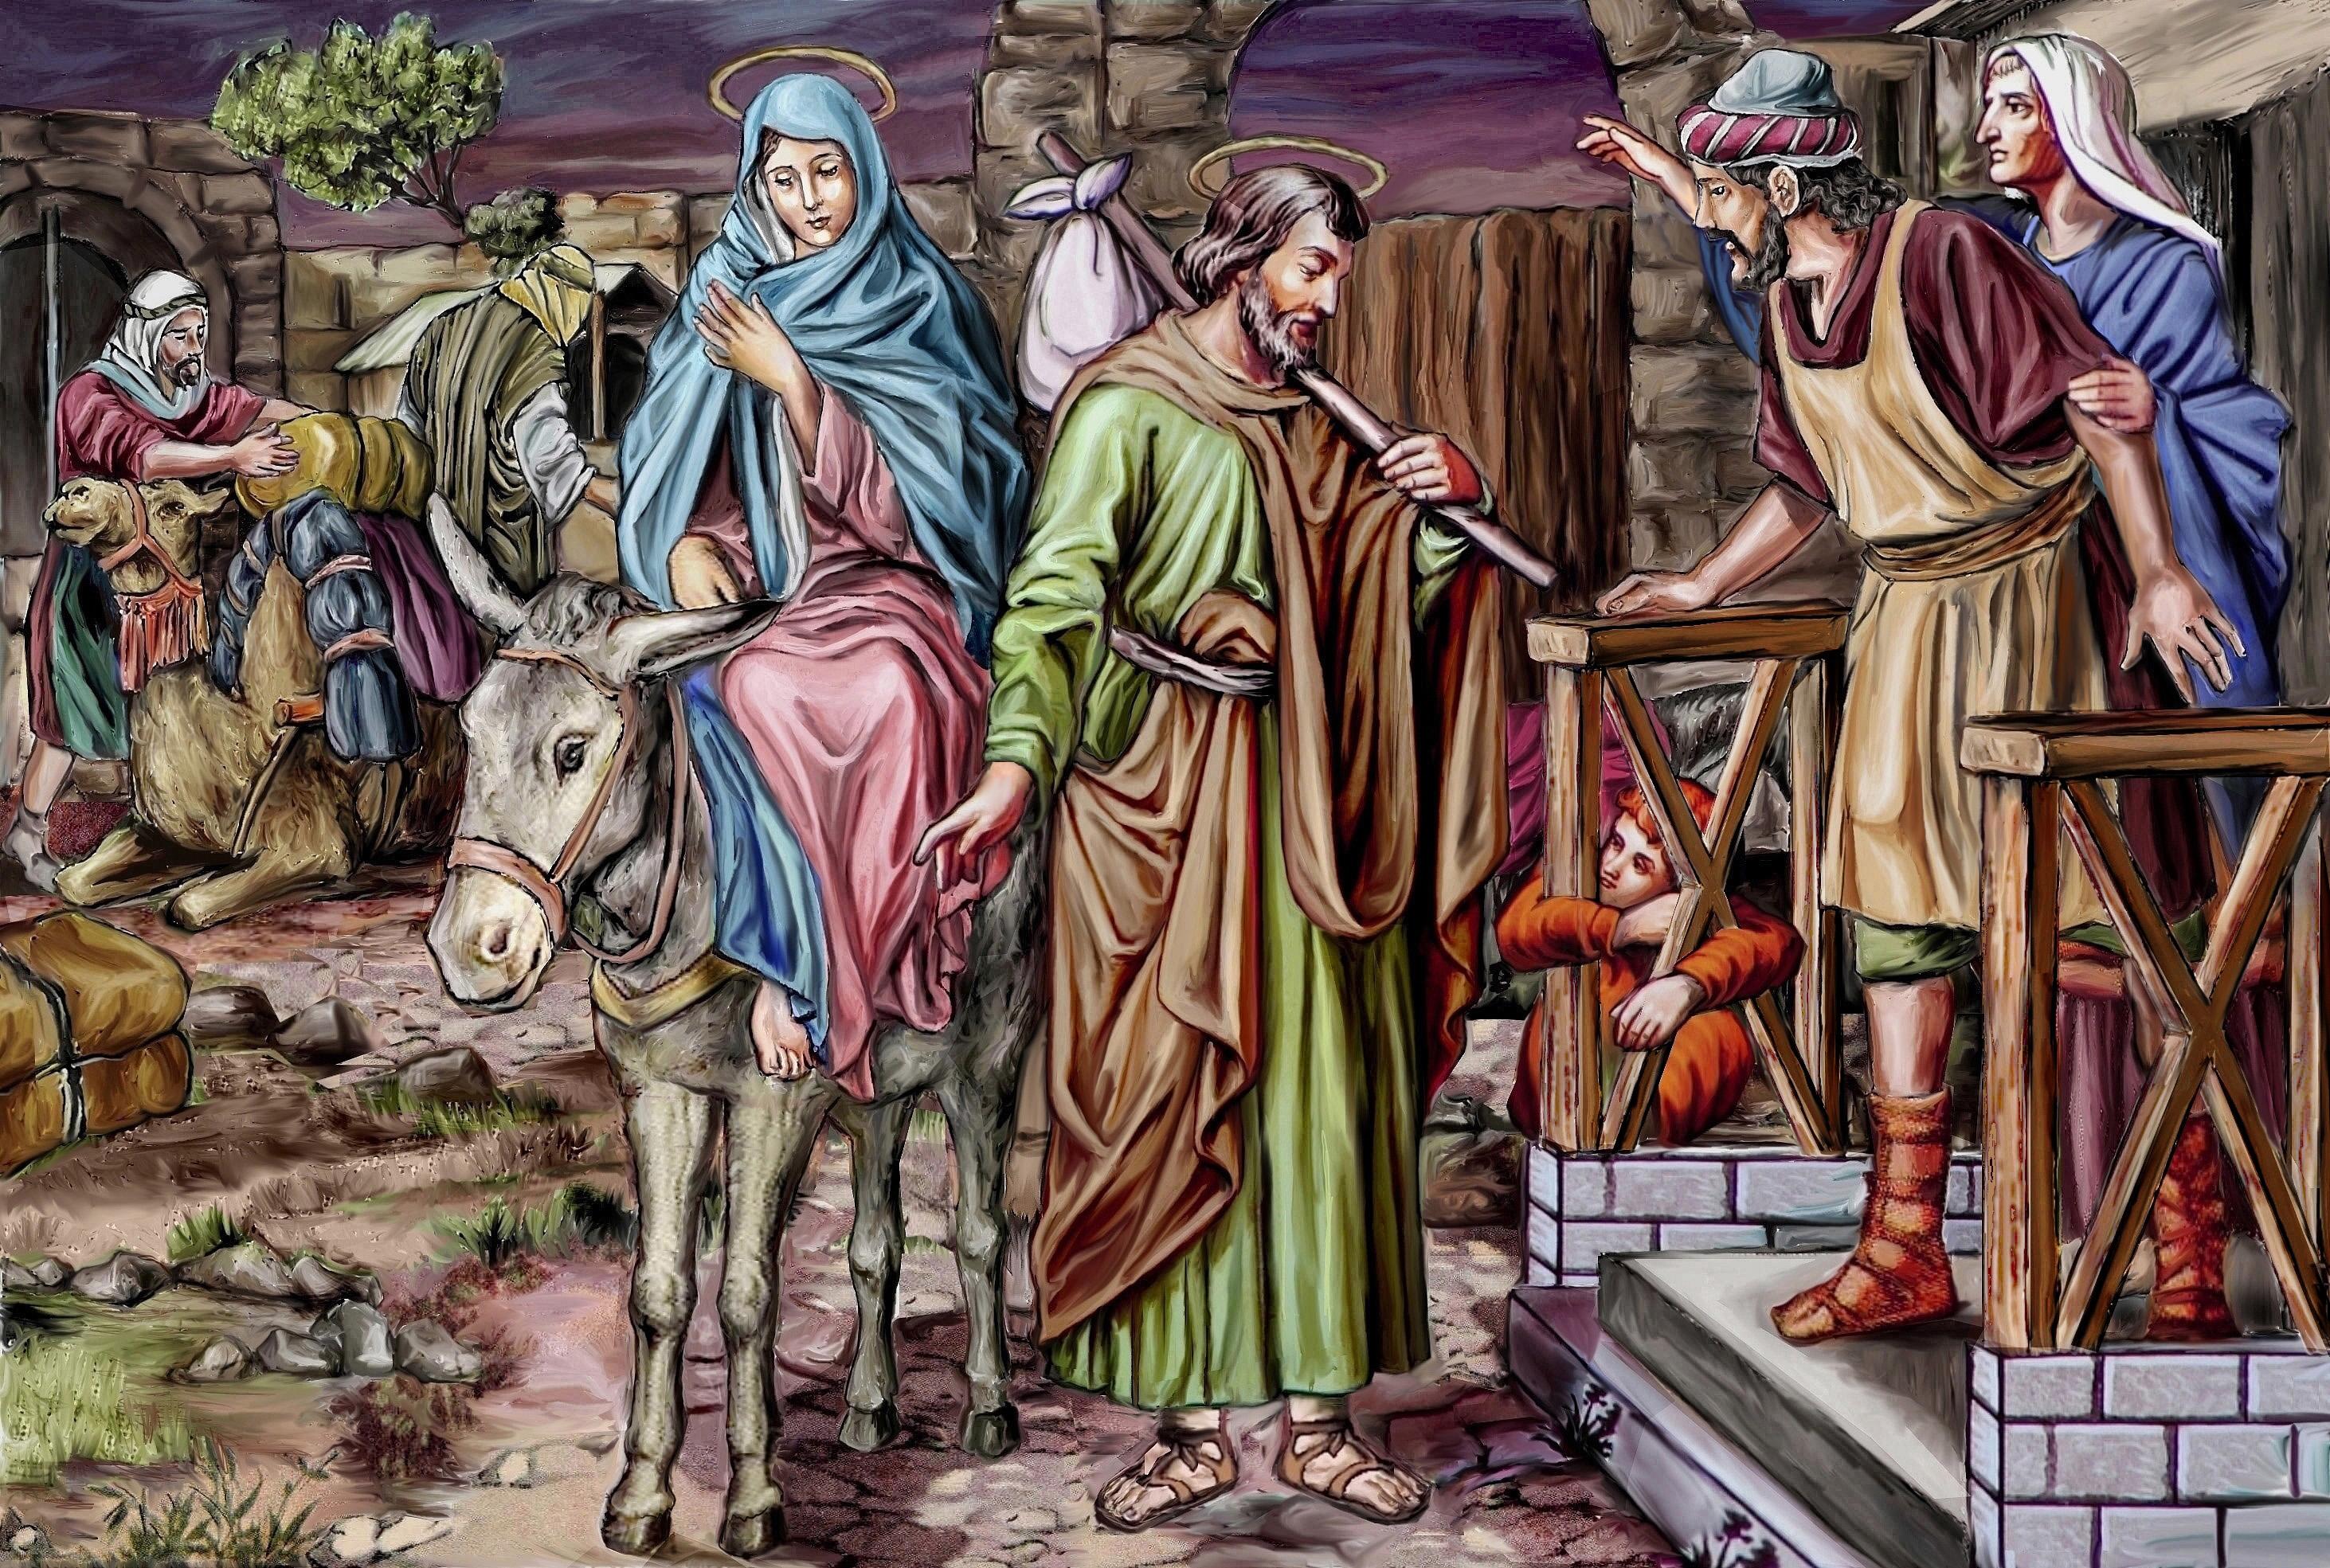 POURQUOI je t'AIME, ô MARIE ! Joseph-et-marie-b-thl-em-5588733